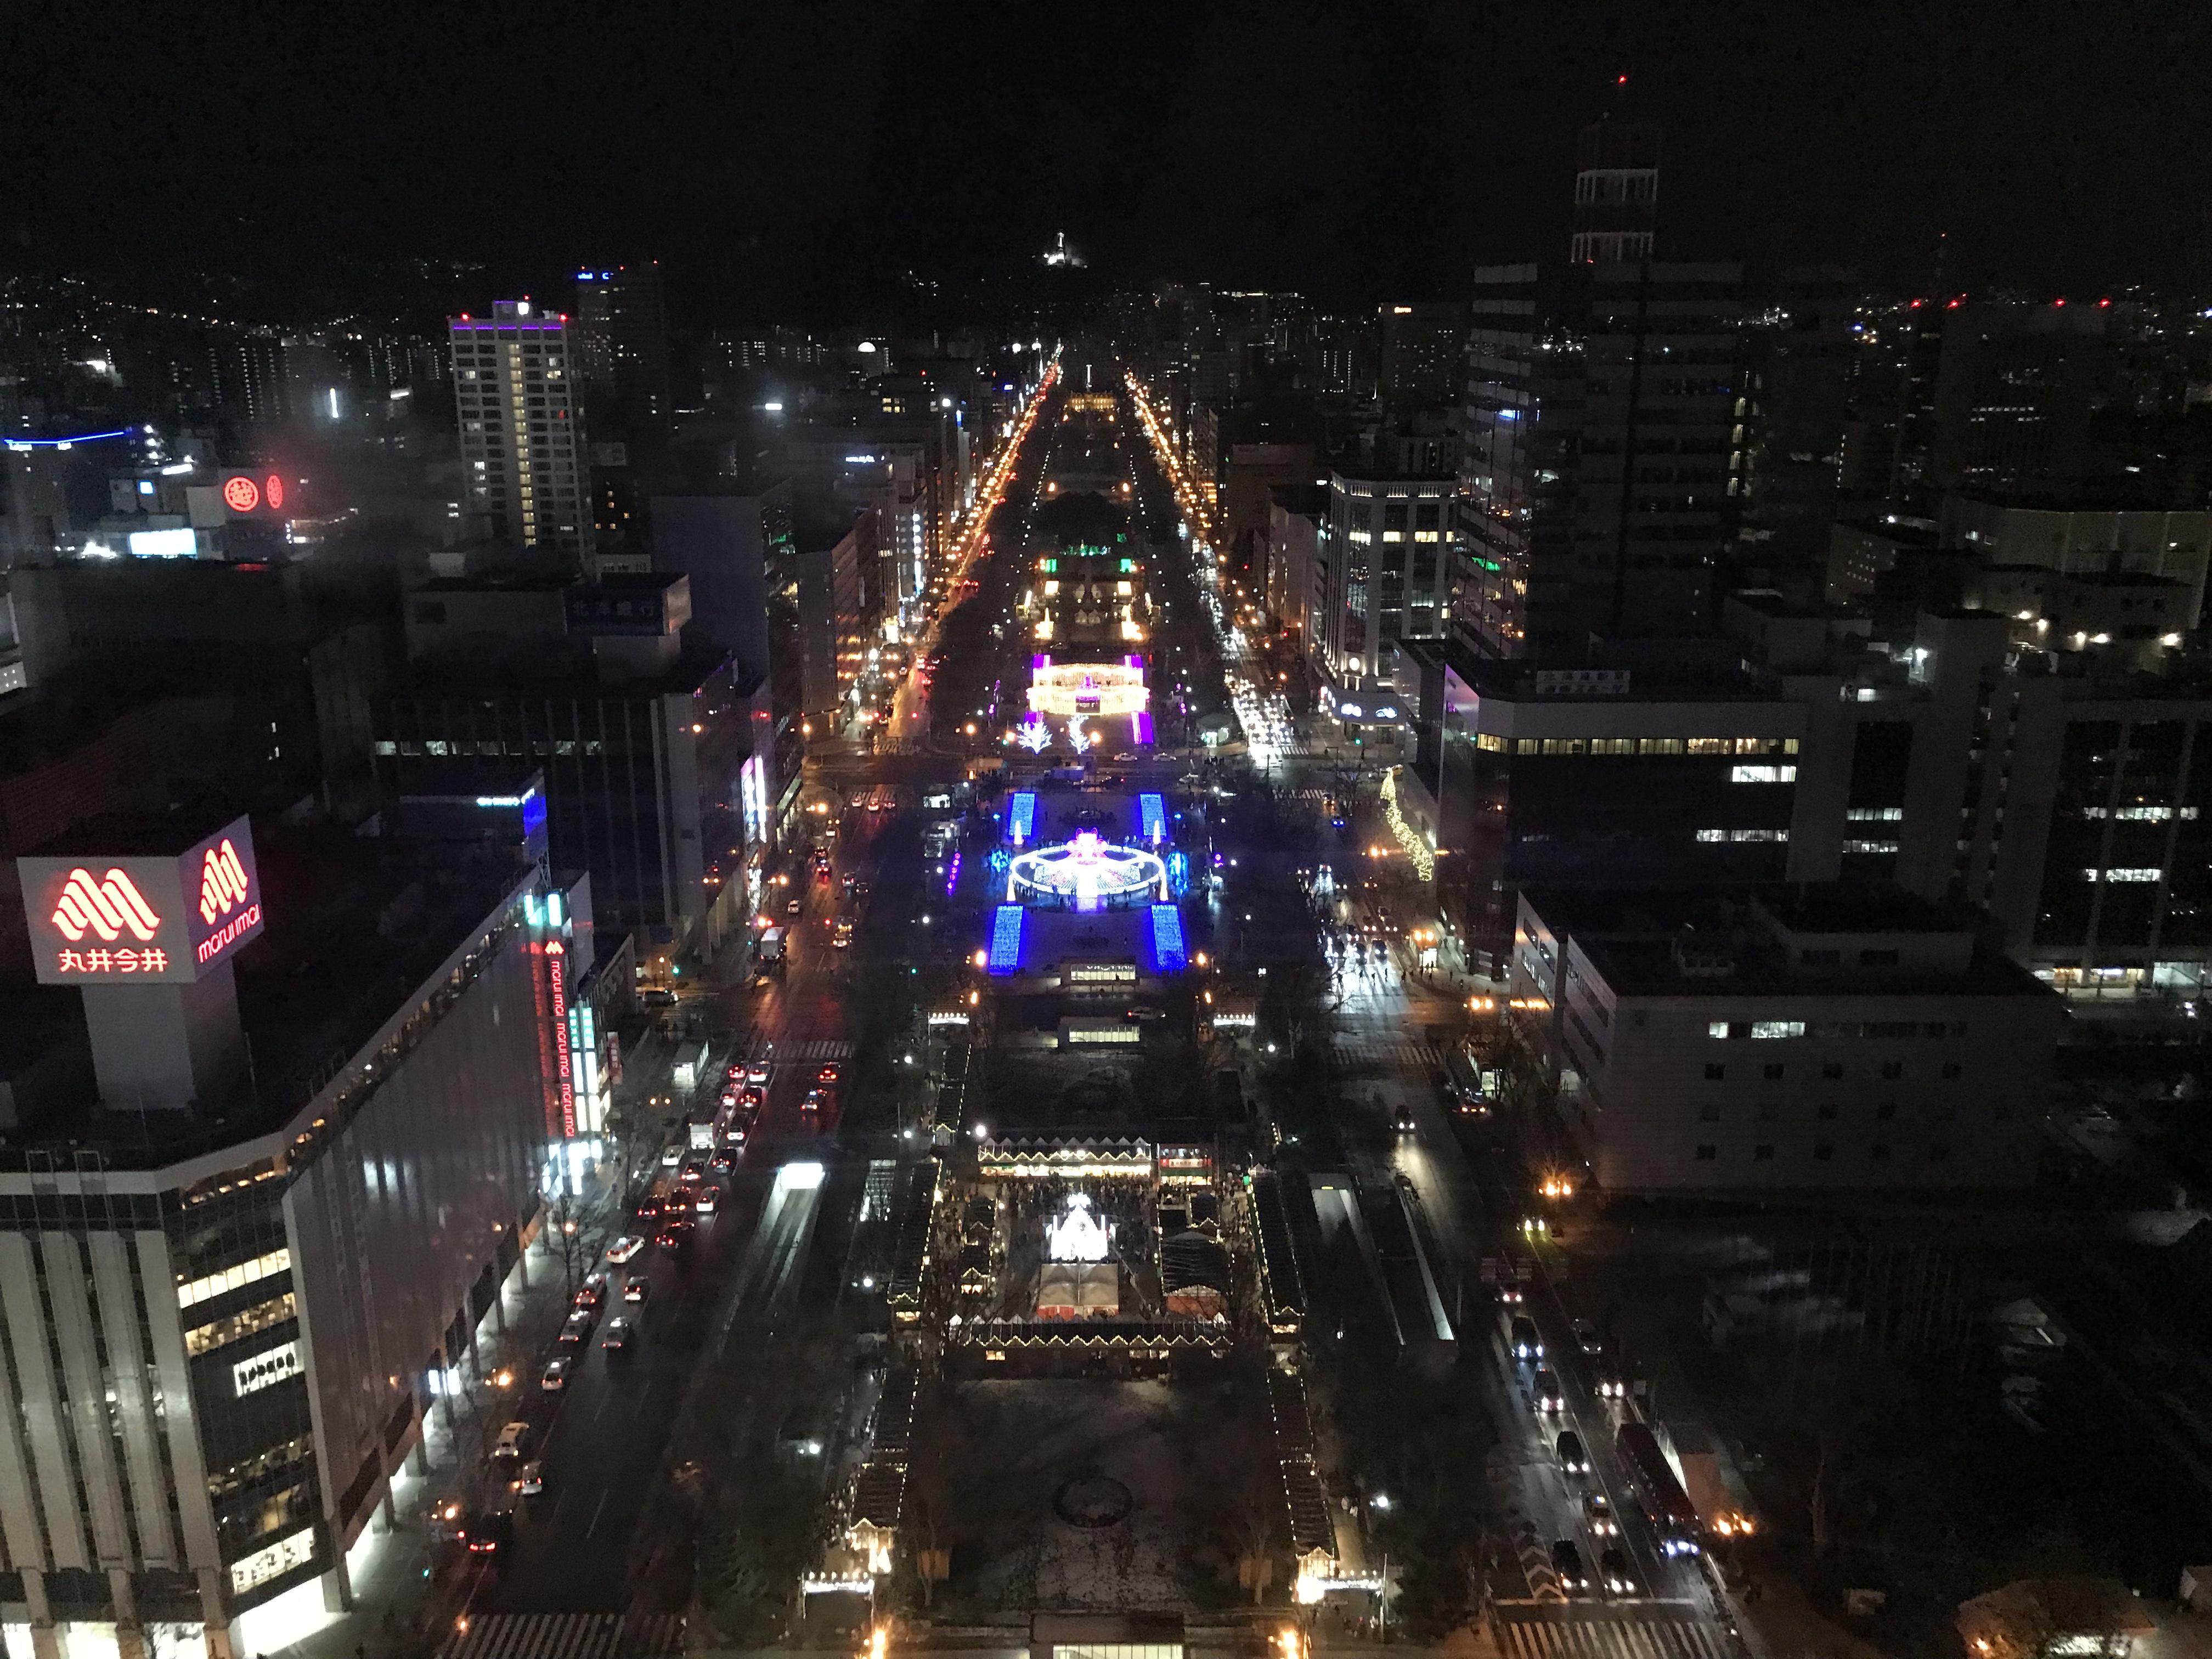 テレビ塔から見る大通公園の夜景